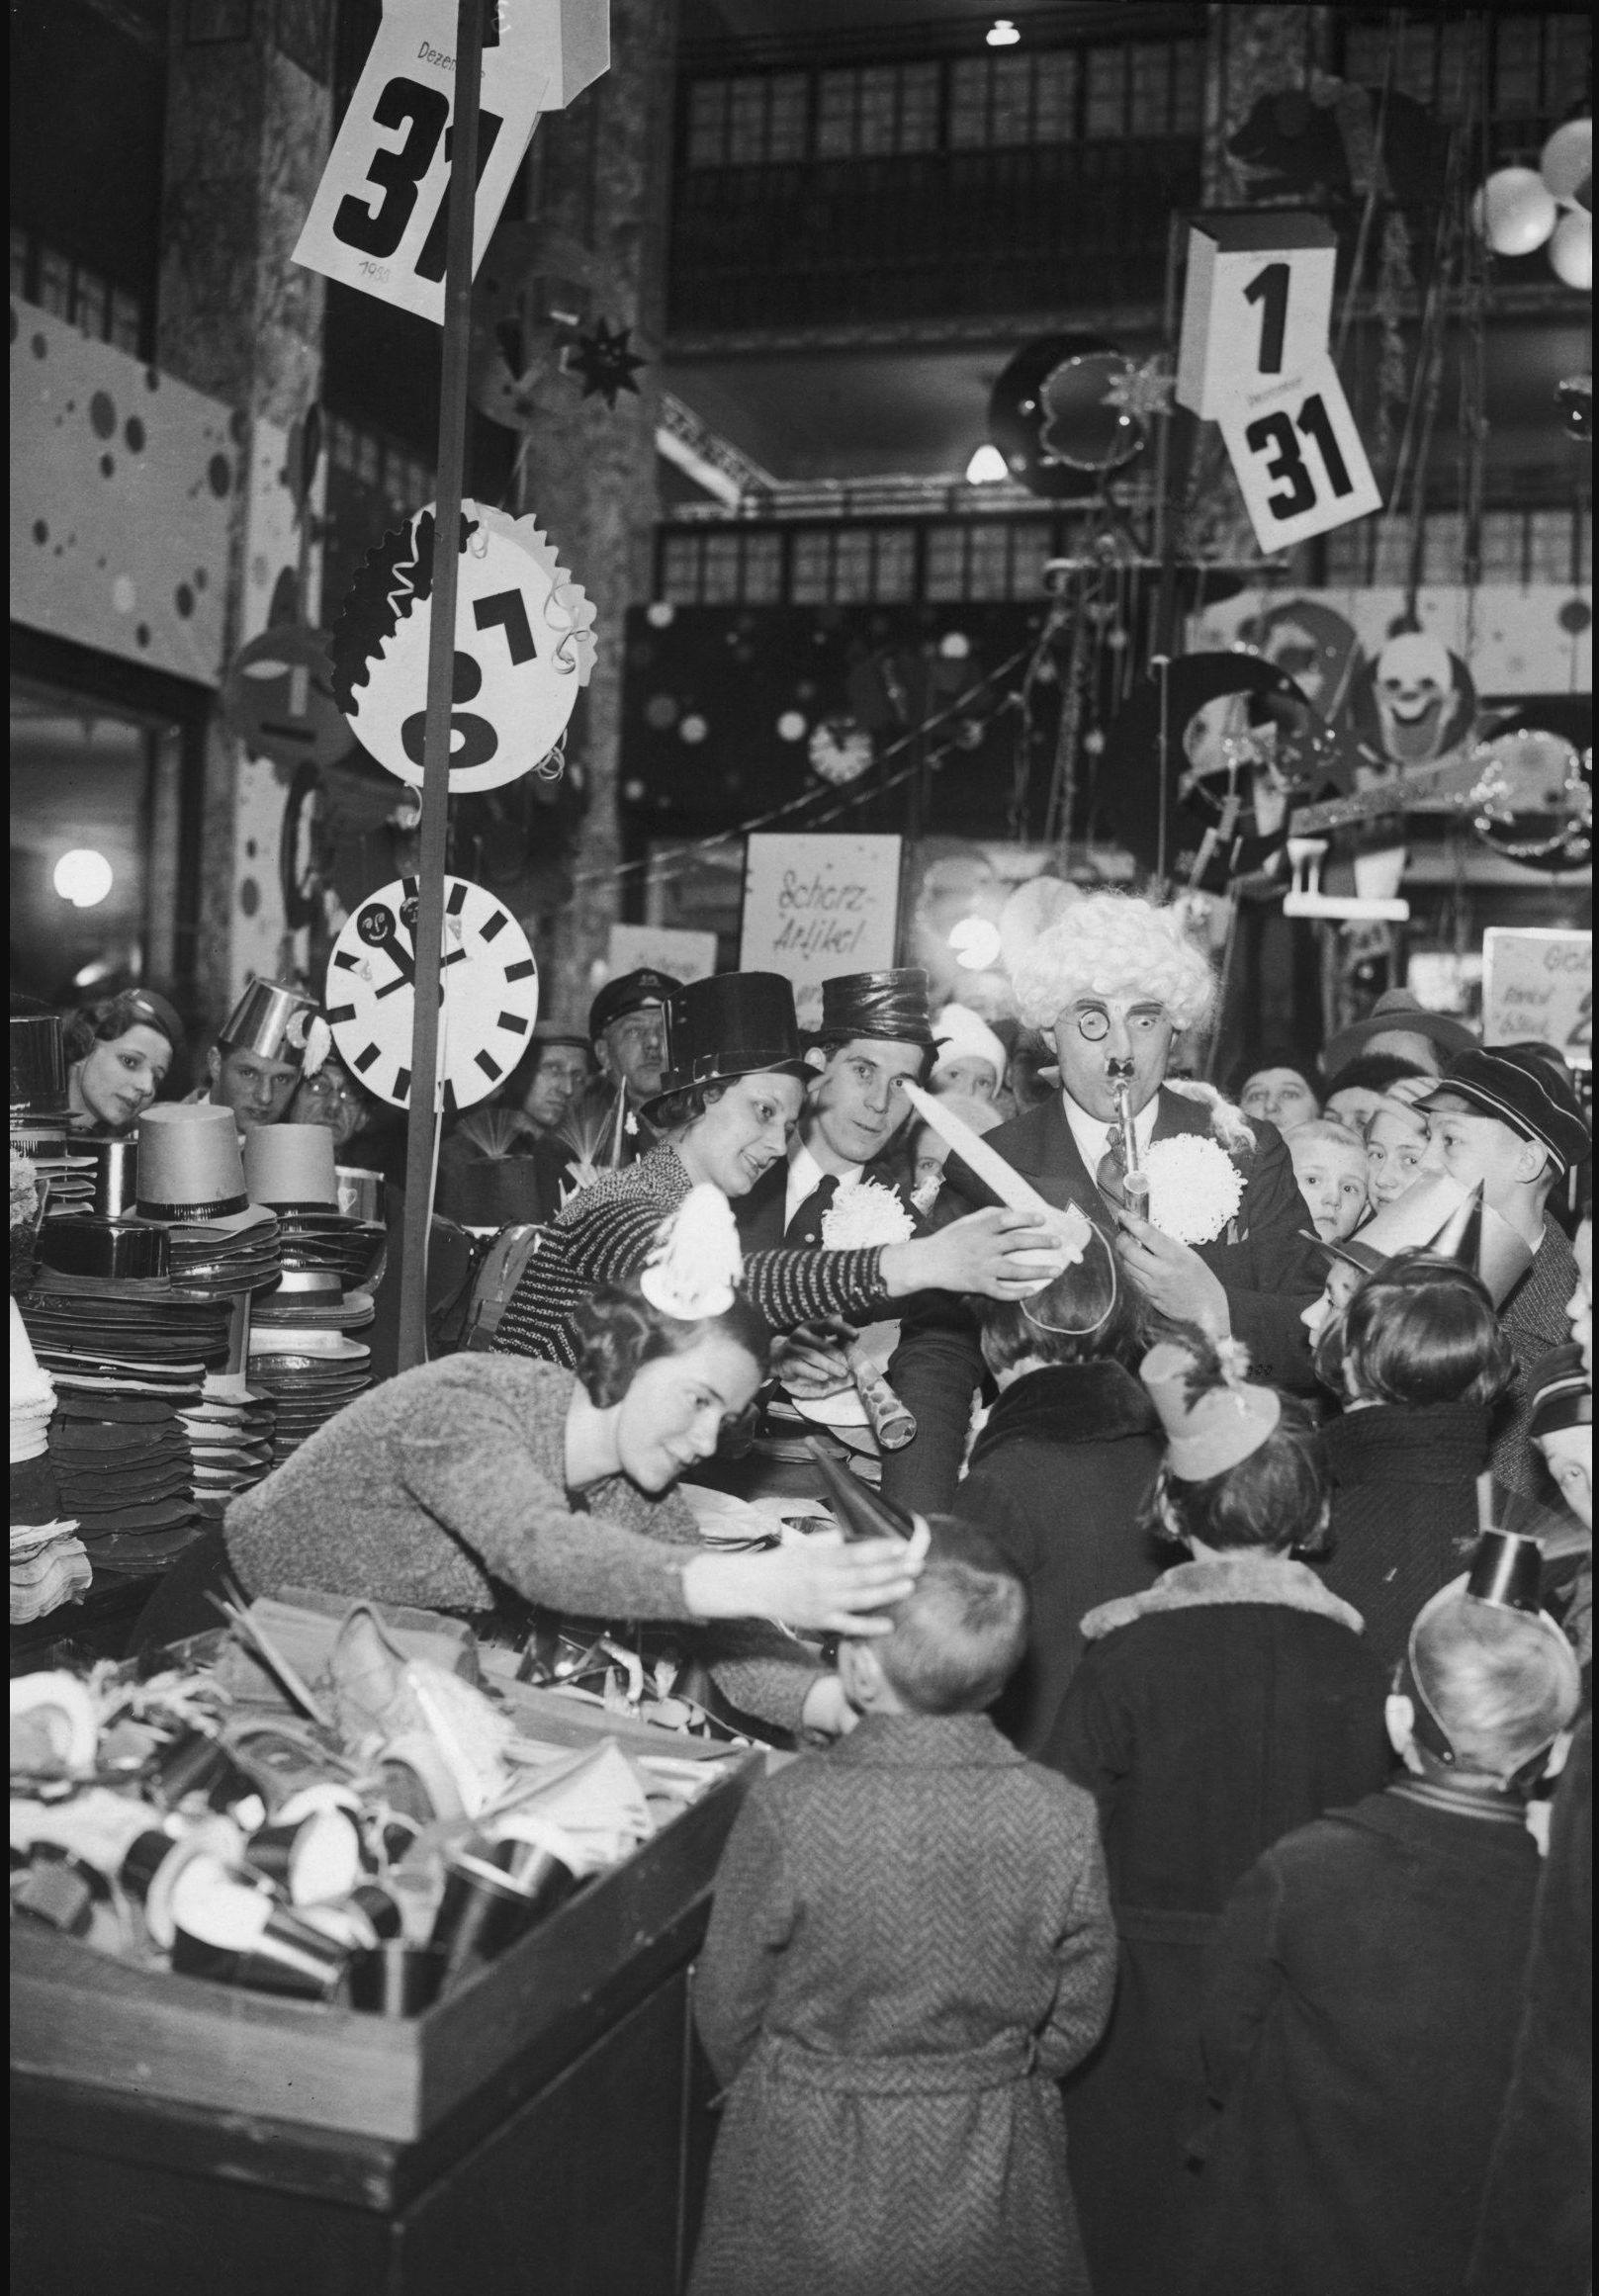 1934. Клиенты, покупающие новинки для празднования Нового года в магазине в Берлине, 28 декабря.jpg